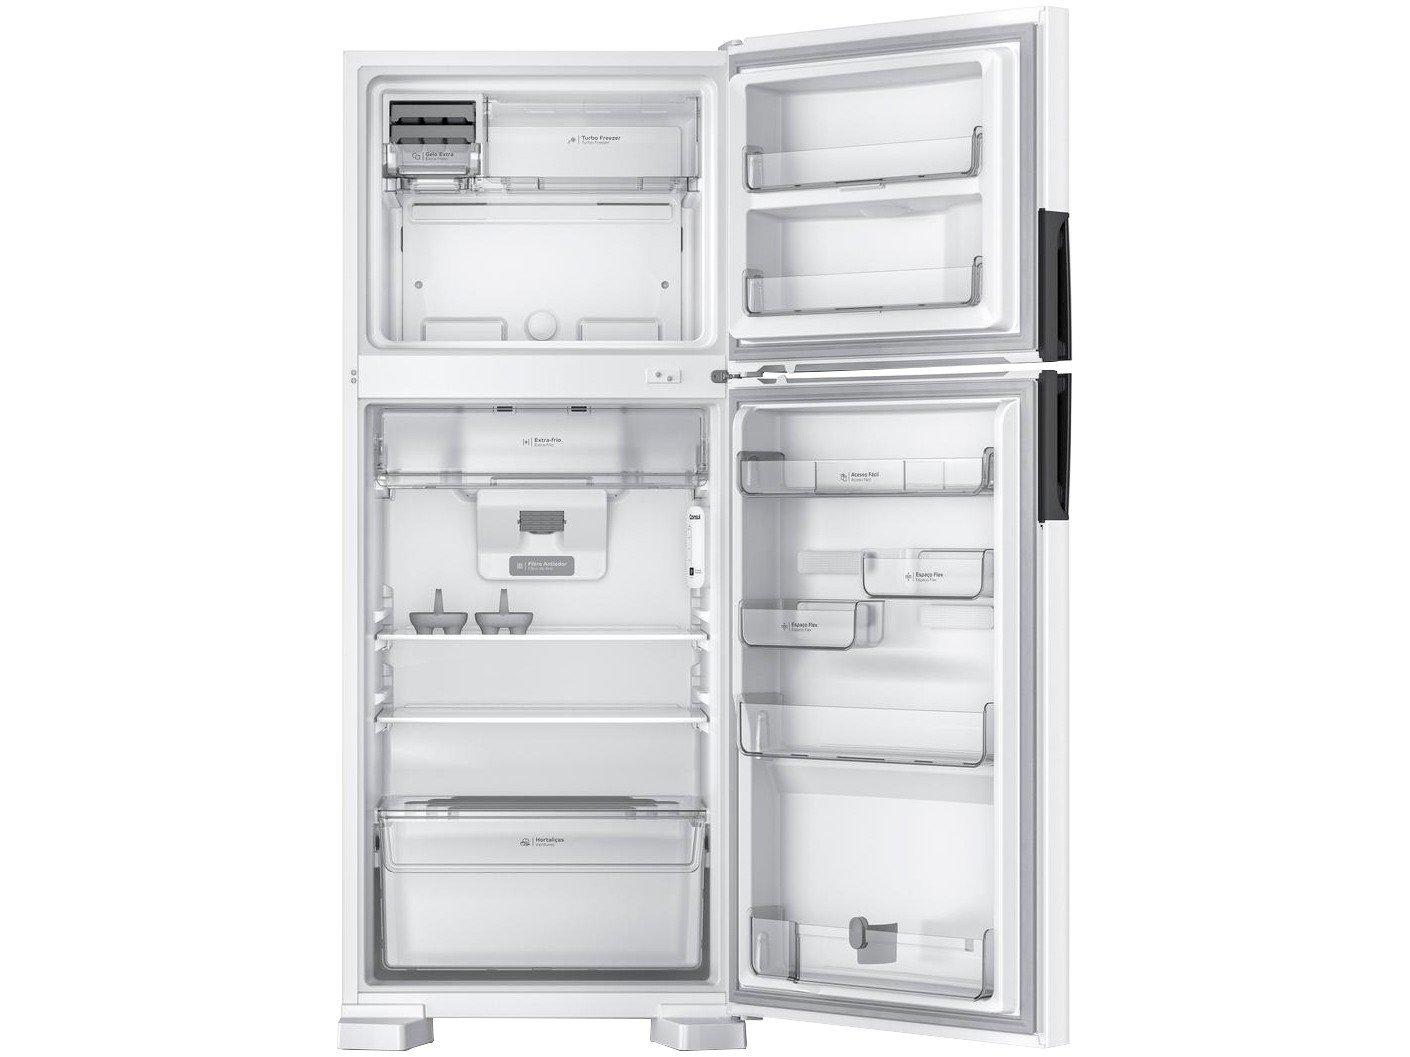 Geladeira/Refrigerador Consul Frost Free - Duplex Branco 410L CRM50HB - 220 V - 4